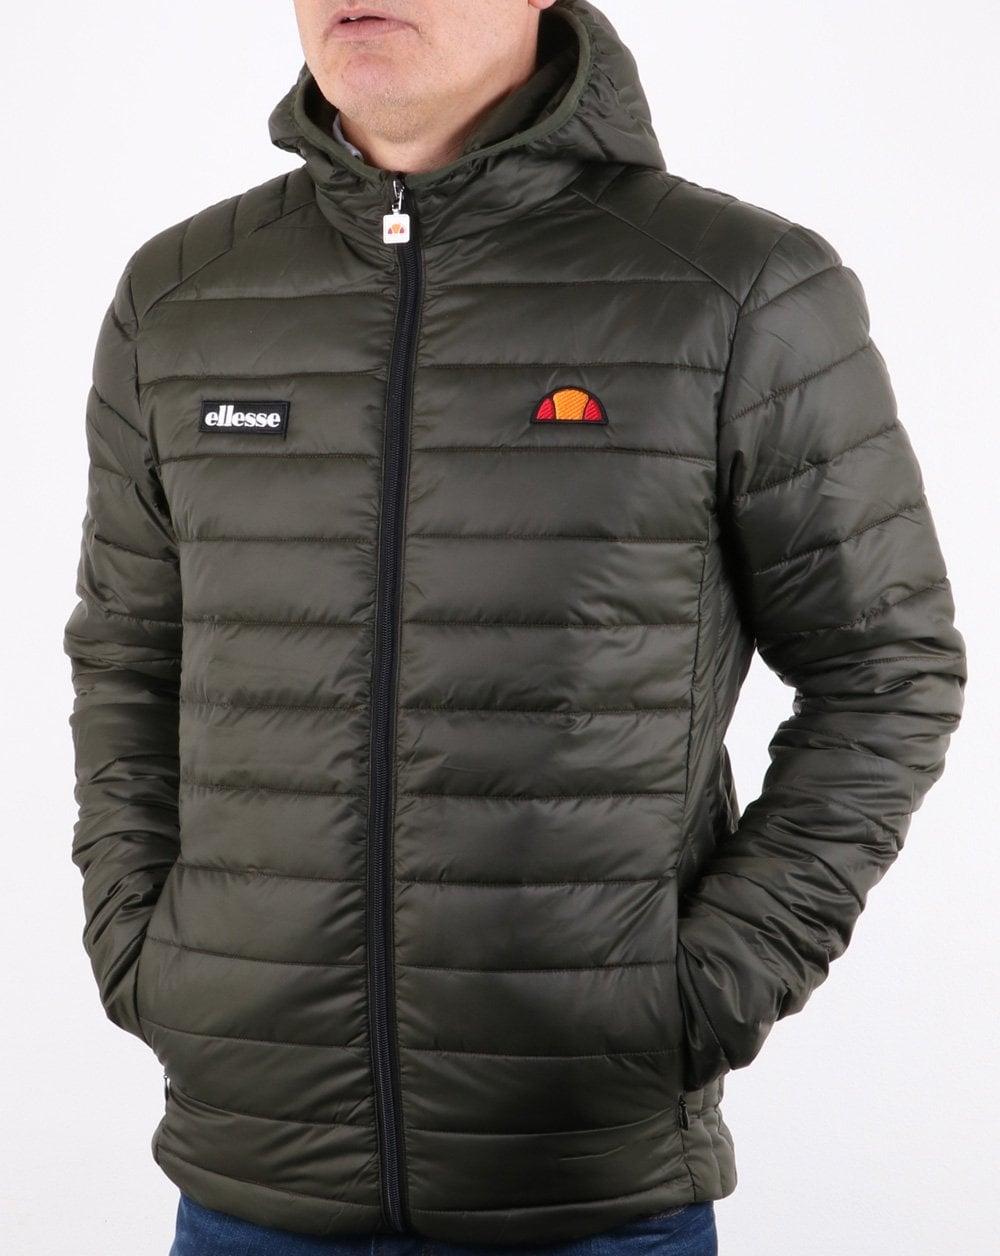 Ellesse Lombardy Down Jacket